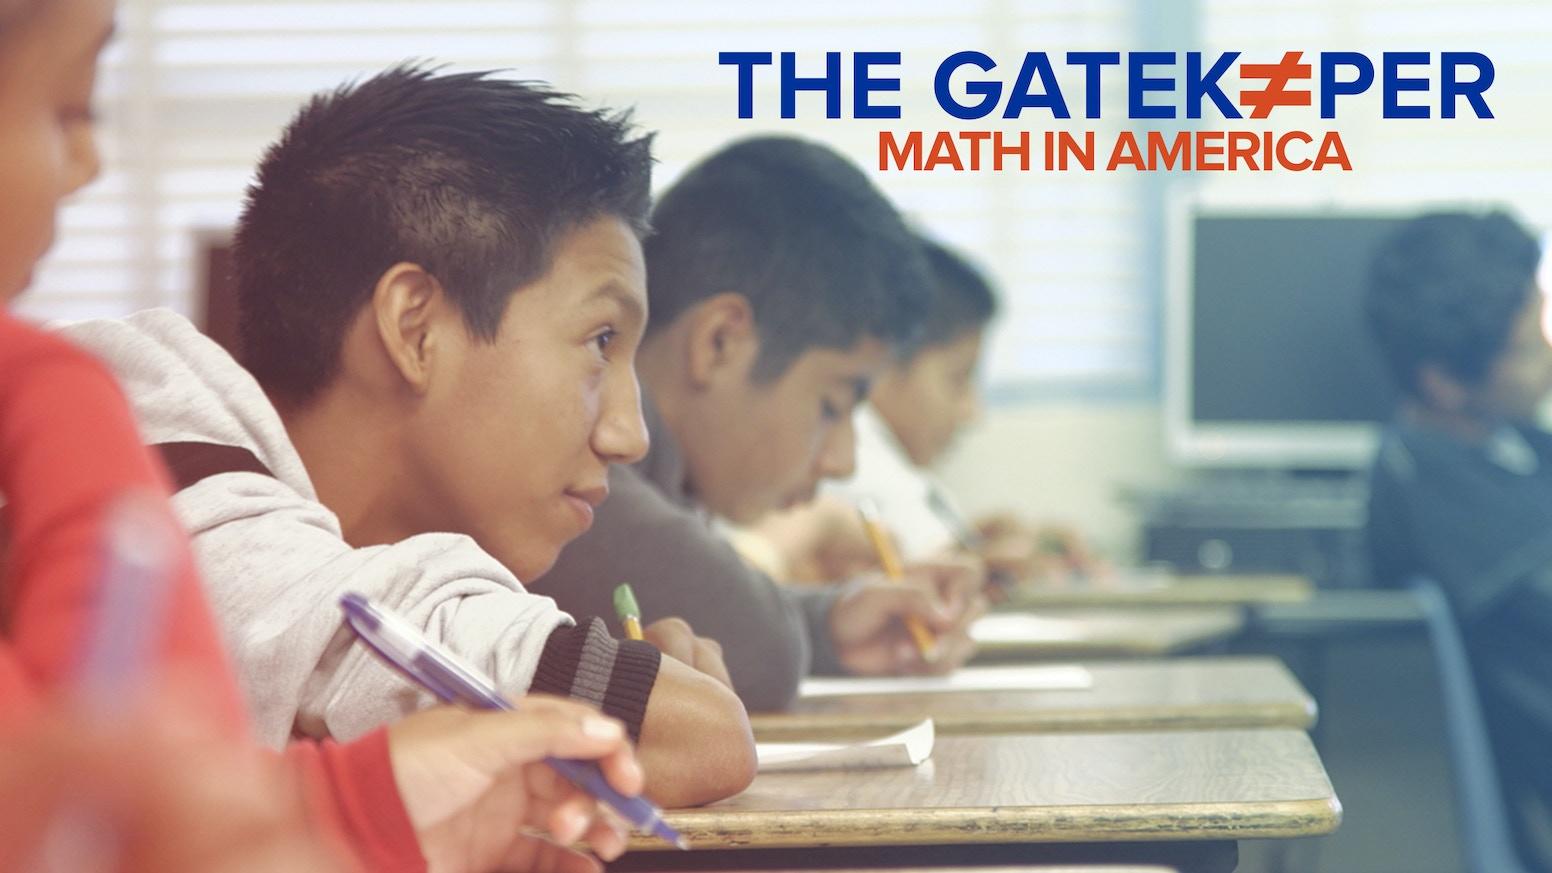 The Gatekeeper: Math in America by Reel Link Films — Kickstarter